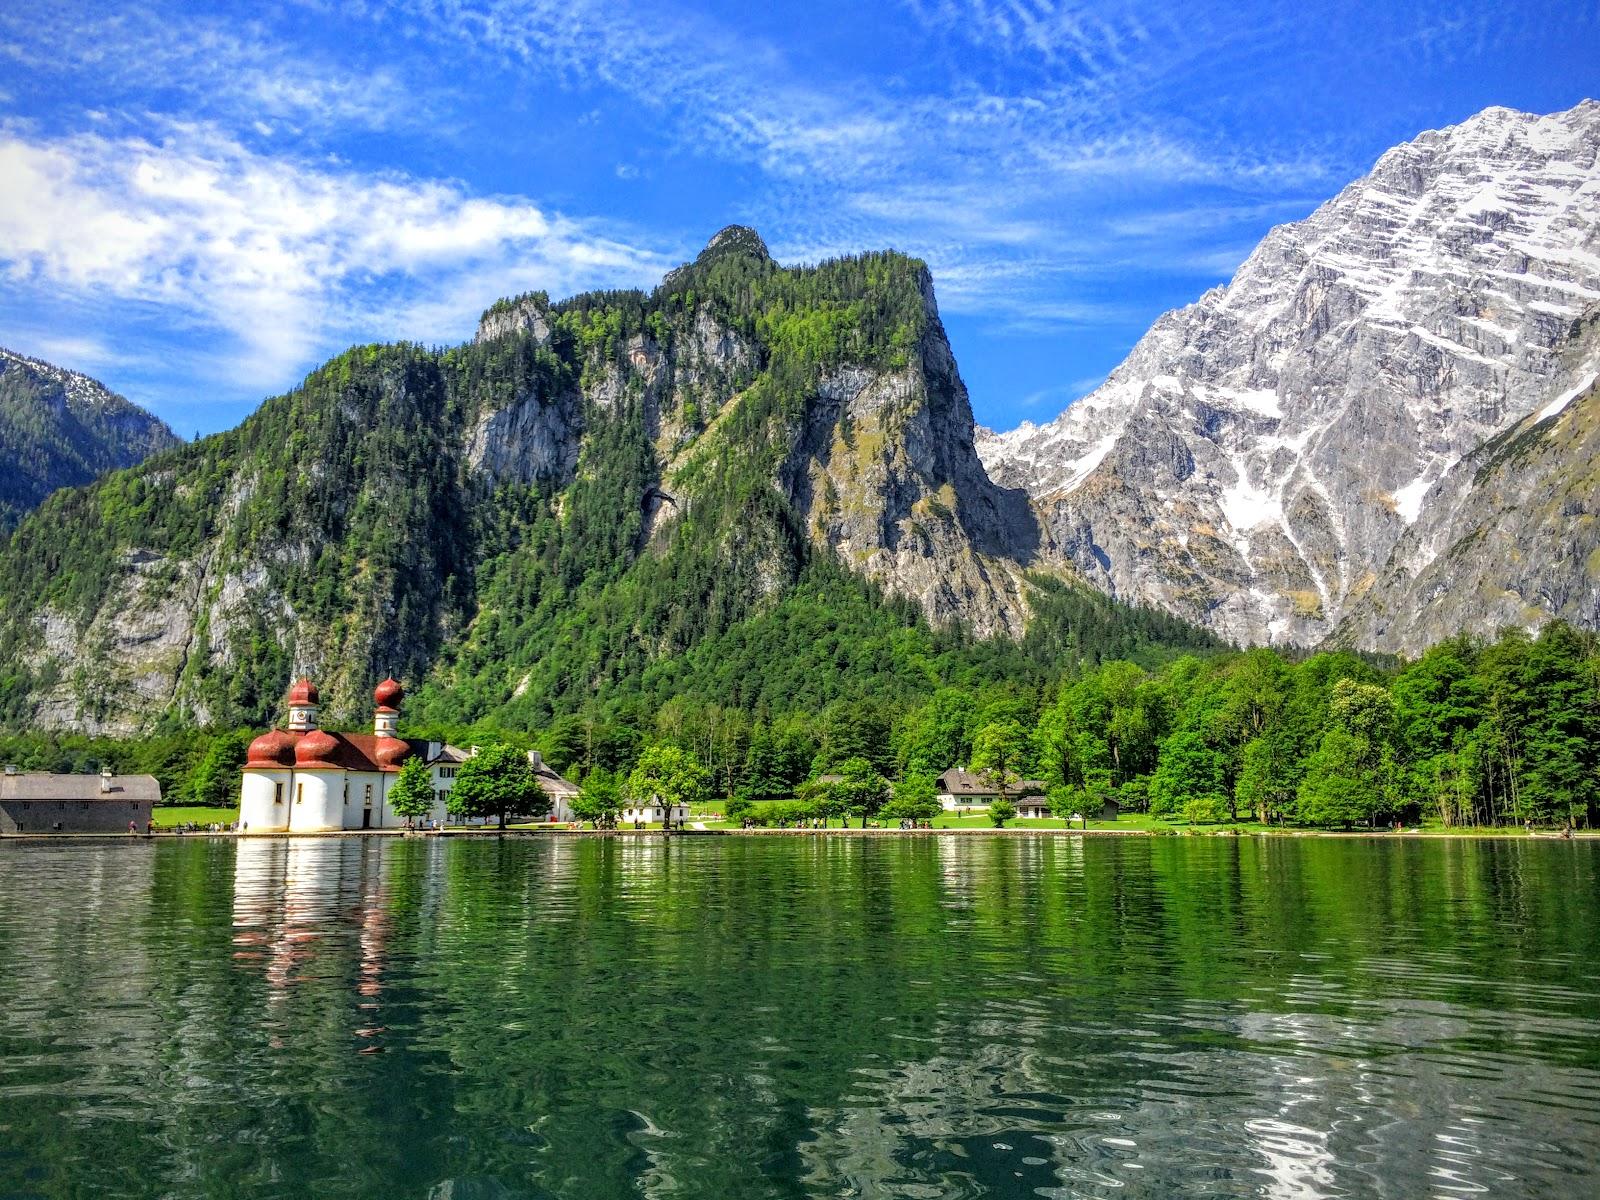 四處旅行: [奧地利行] Day7 德國國王湖、薩爾斯堡城區、米拉貝爾宮